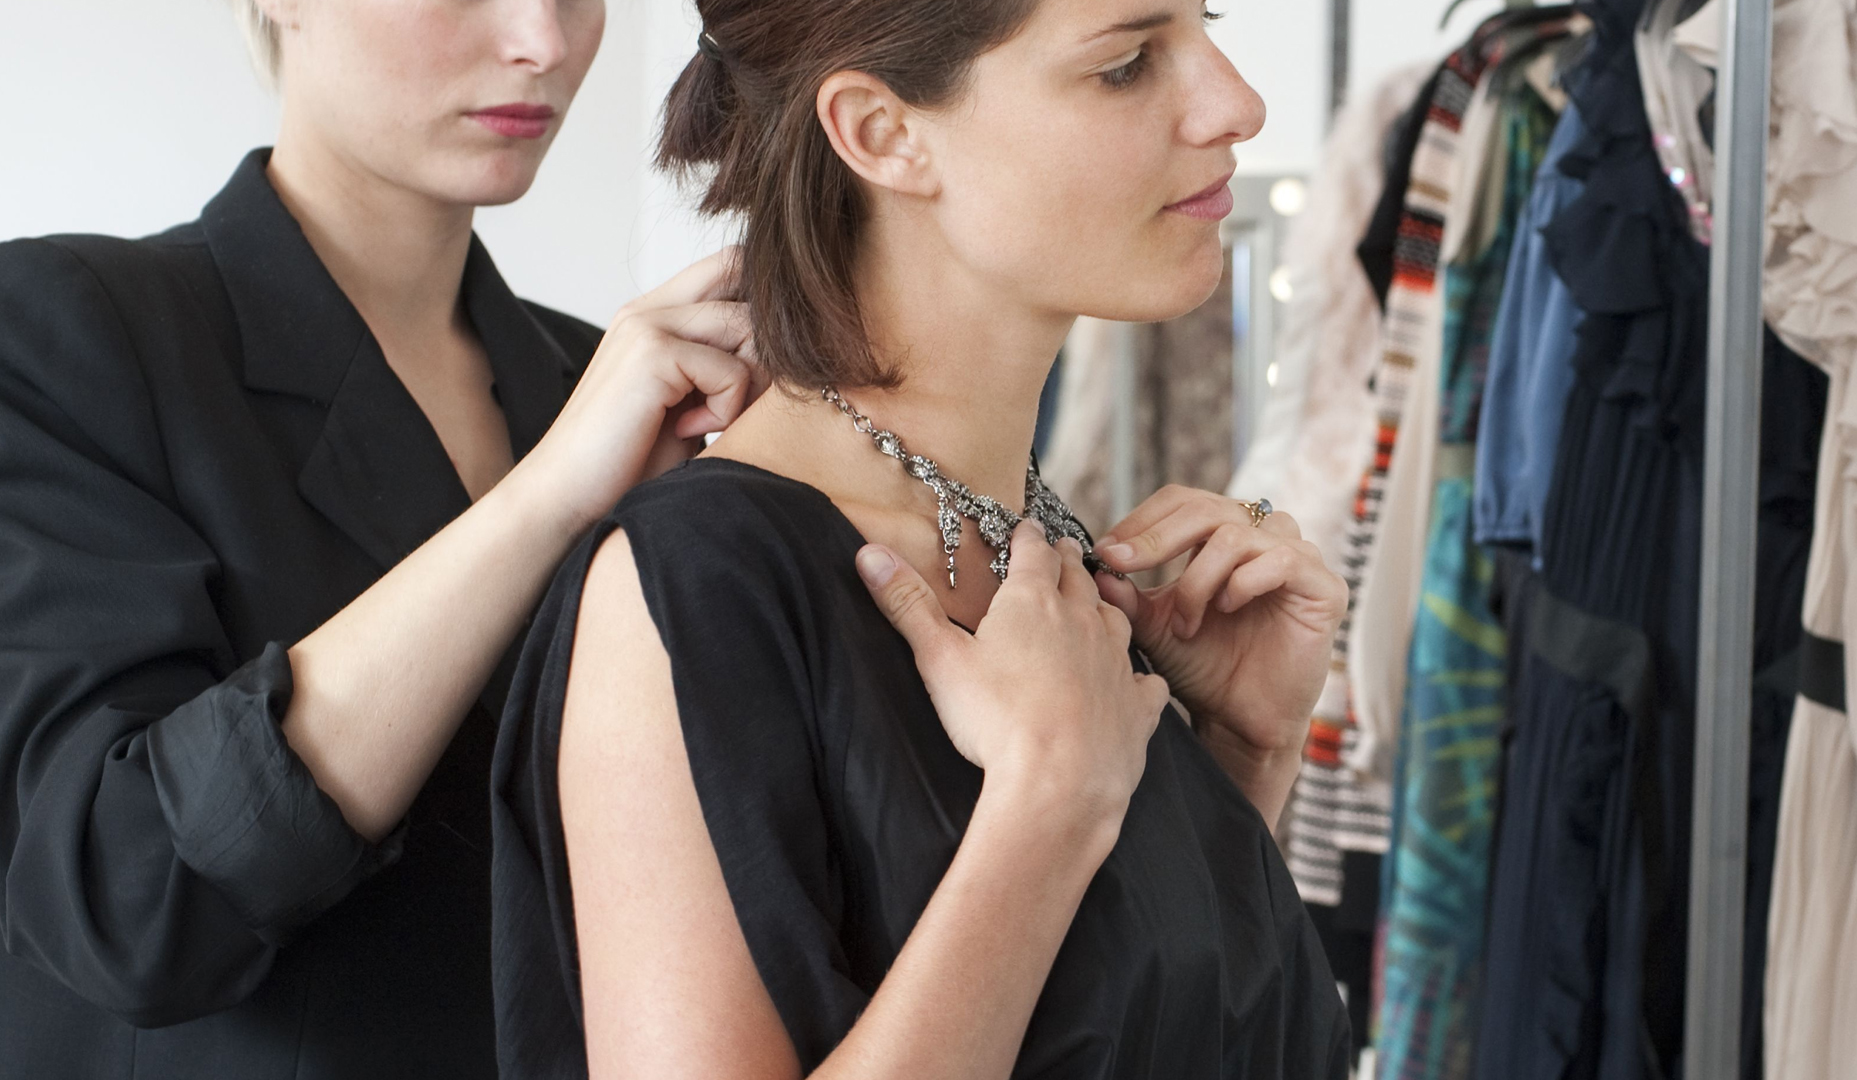 Retail & Cosmetics